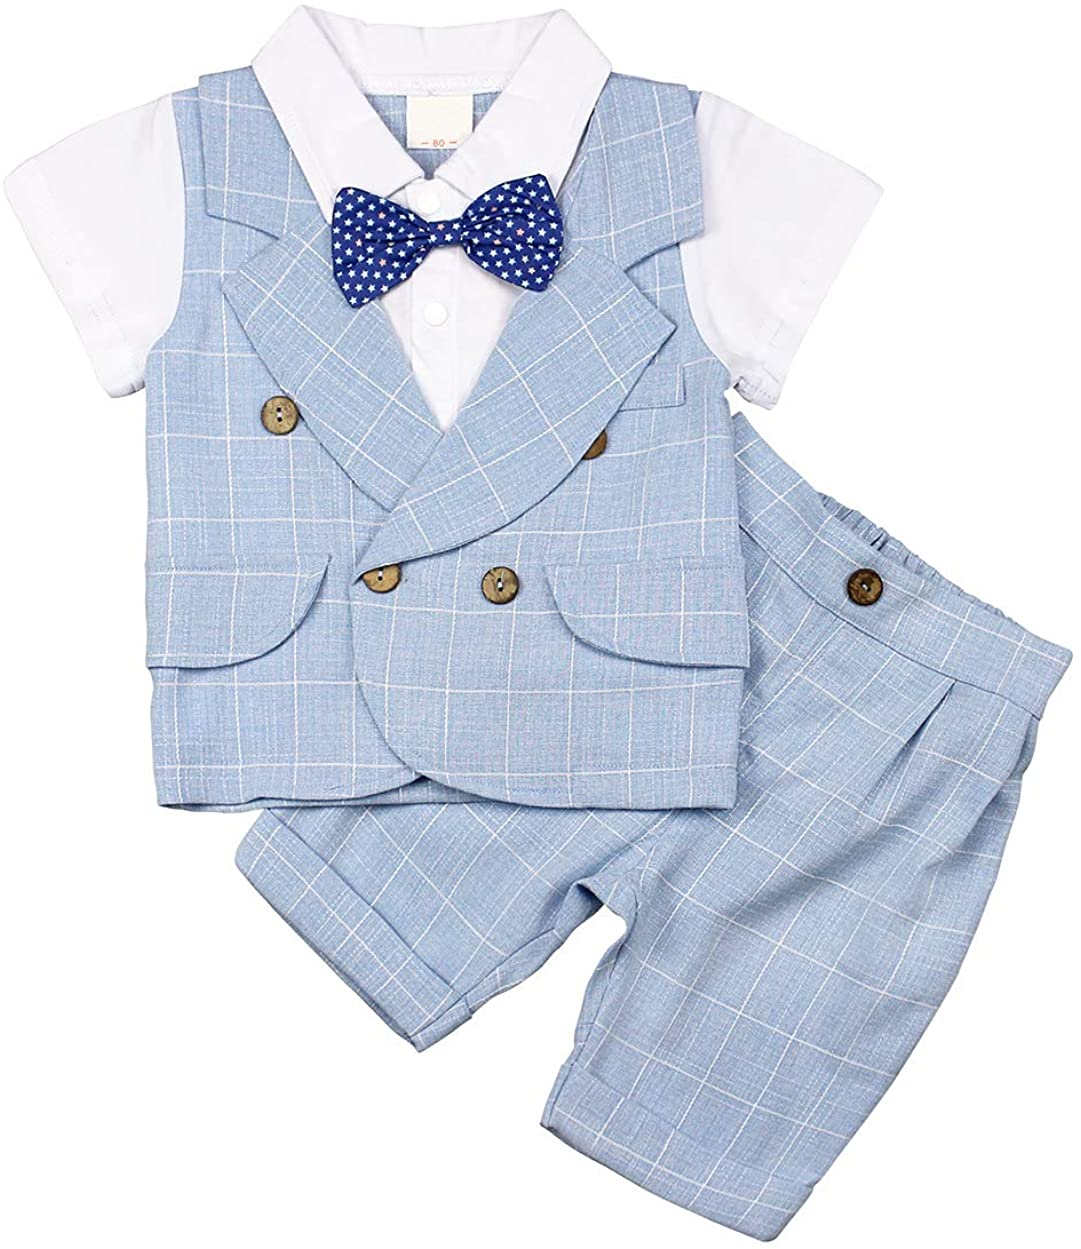 AmzBarley Bebé Niño Caballeros Traje de Esmoquin Formal Camisa de Vestir Vtuendo Infantil Chaleco Pantalones Bautizo Conjuntos para Fiesta Nocturna Boda Ropa Corbata de Moño